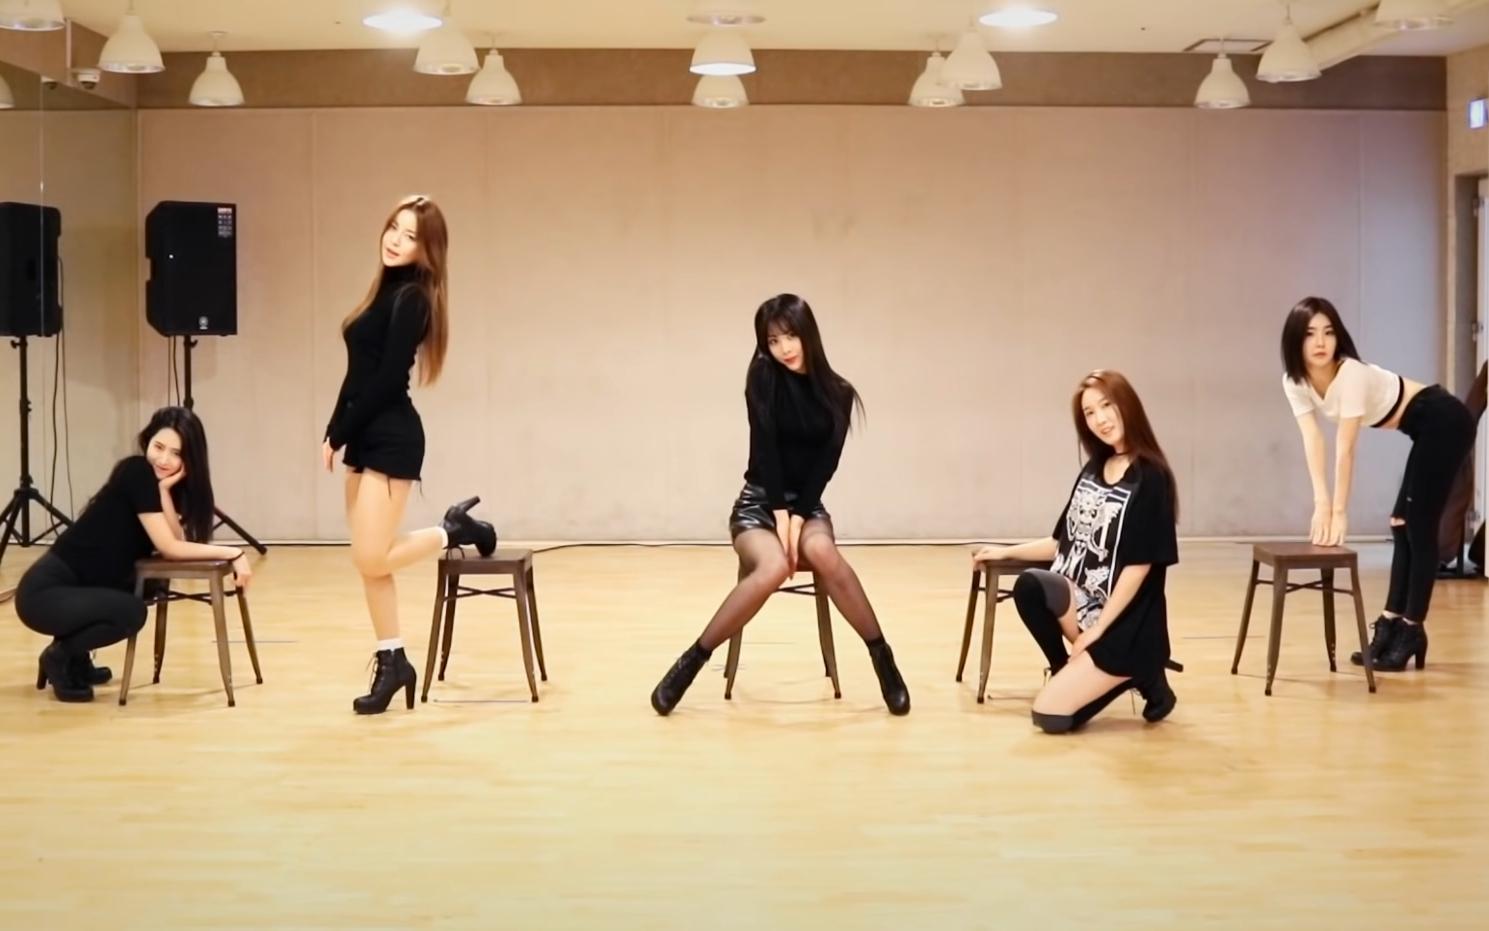 逆袭女团Brave Girls - Rollin 舞蹈练习室~私服版